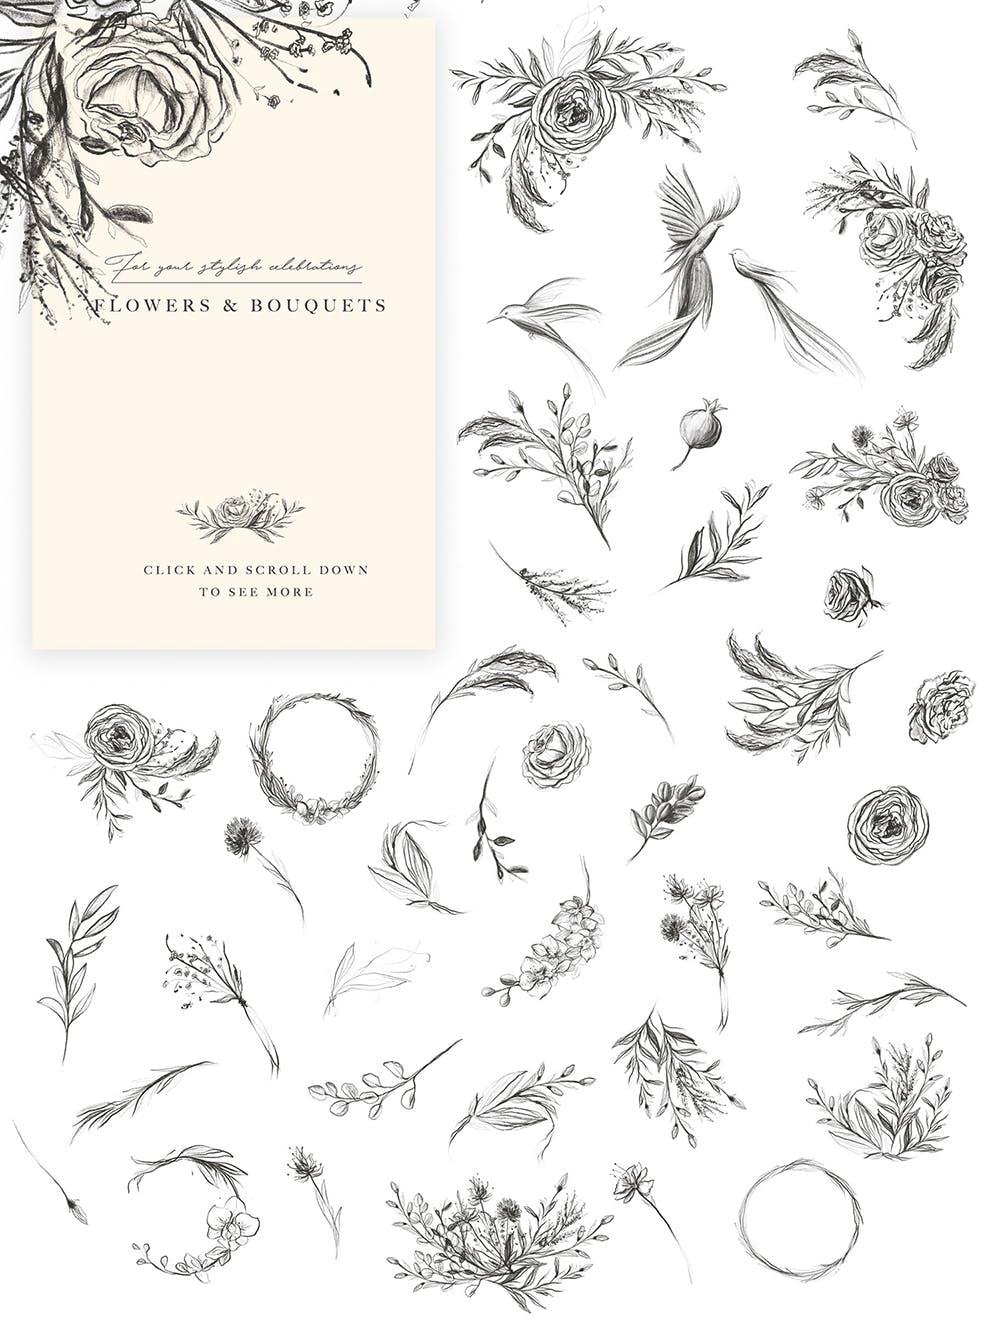 优秀的石墨仿铅笔图形组图案花纹素材Wedding Graphic Logo Pencil Flower插图(7)